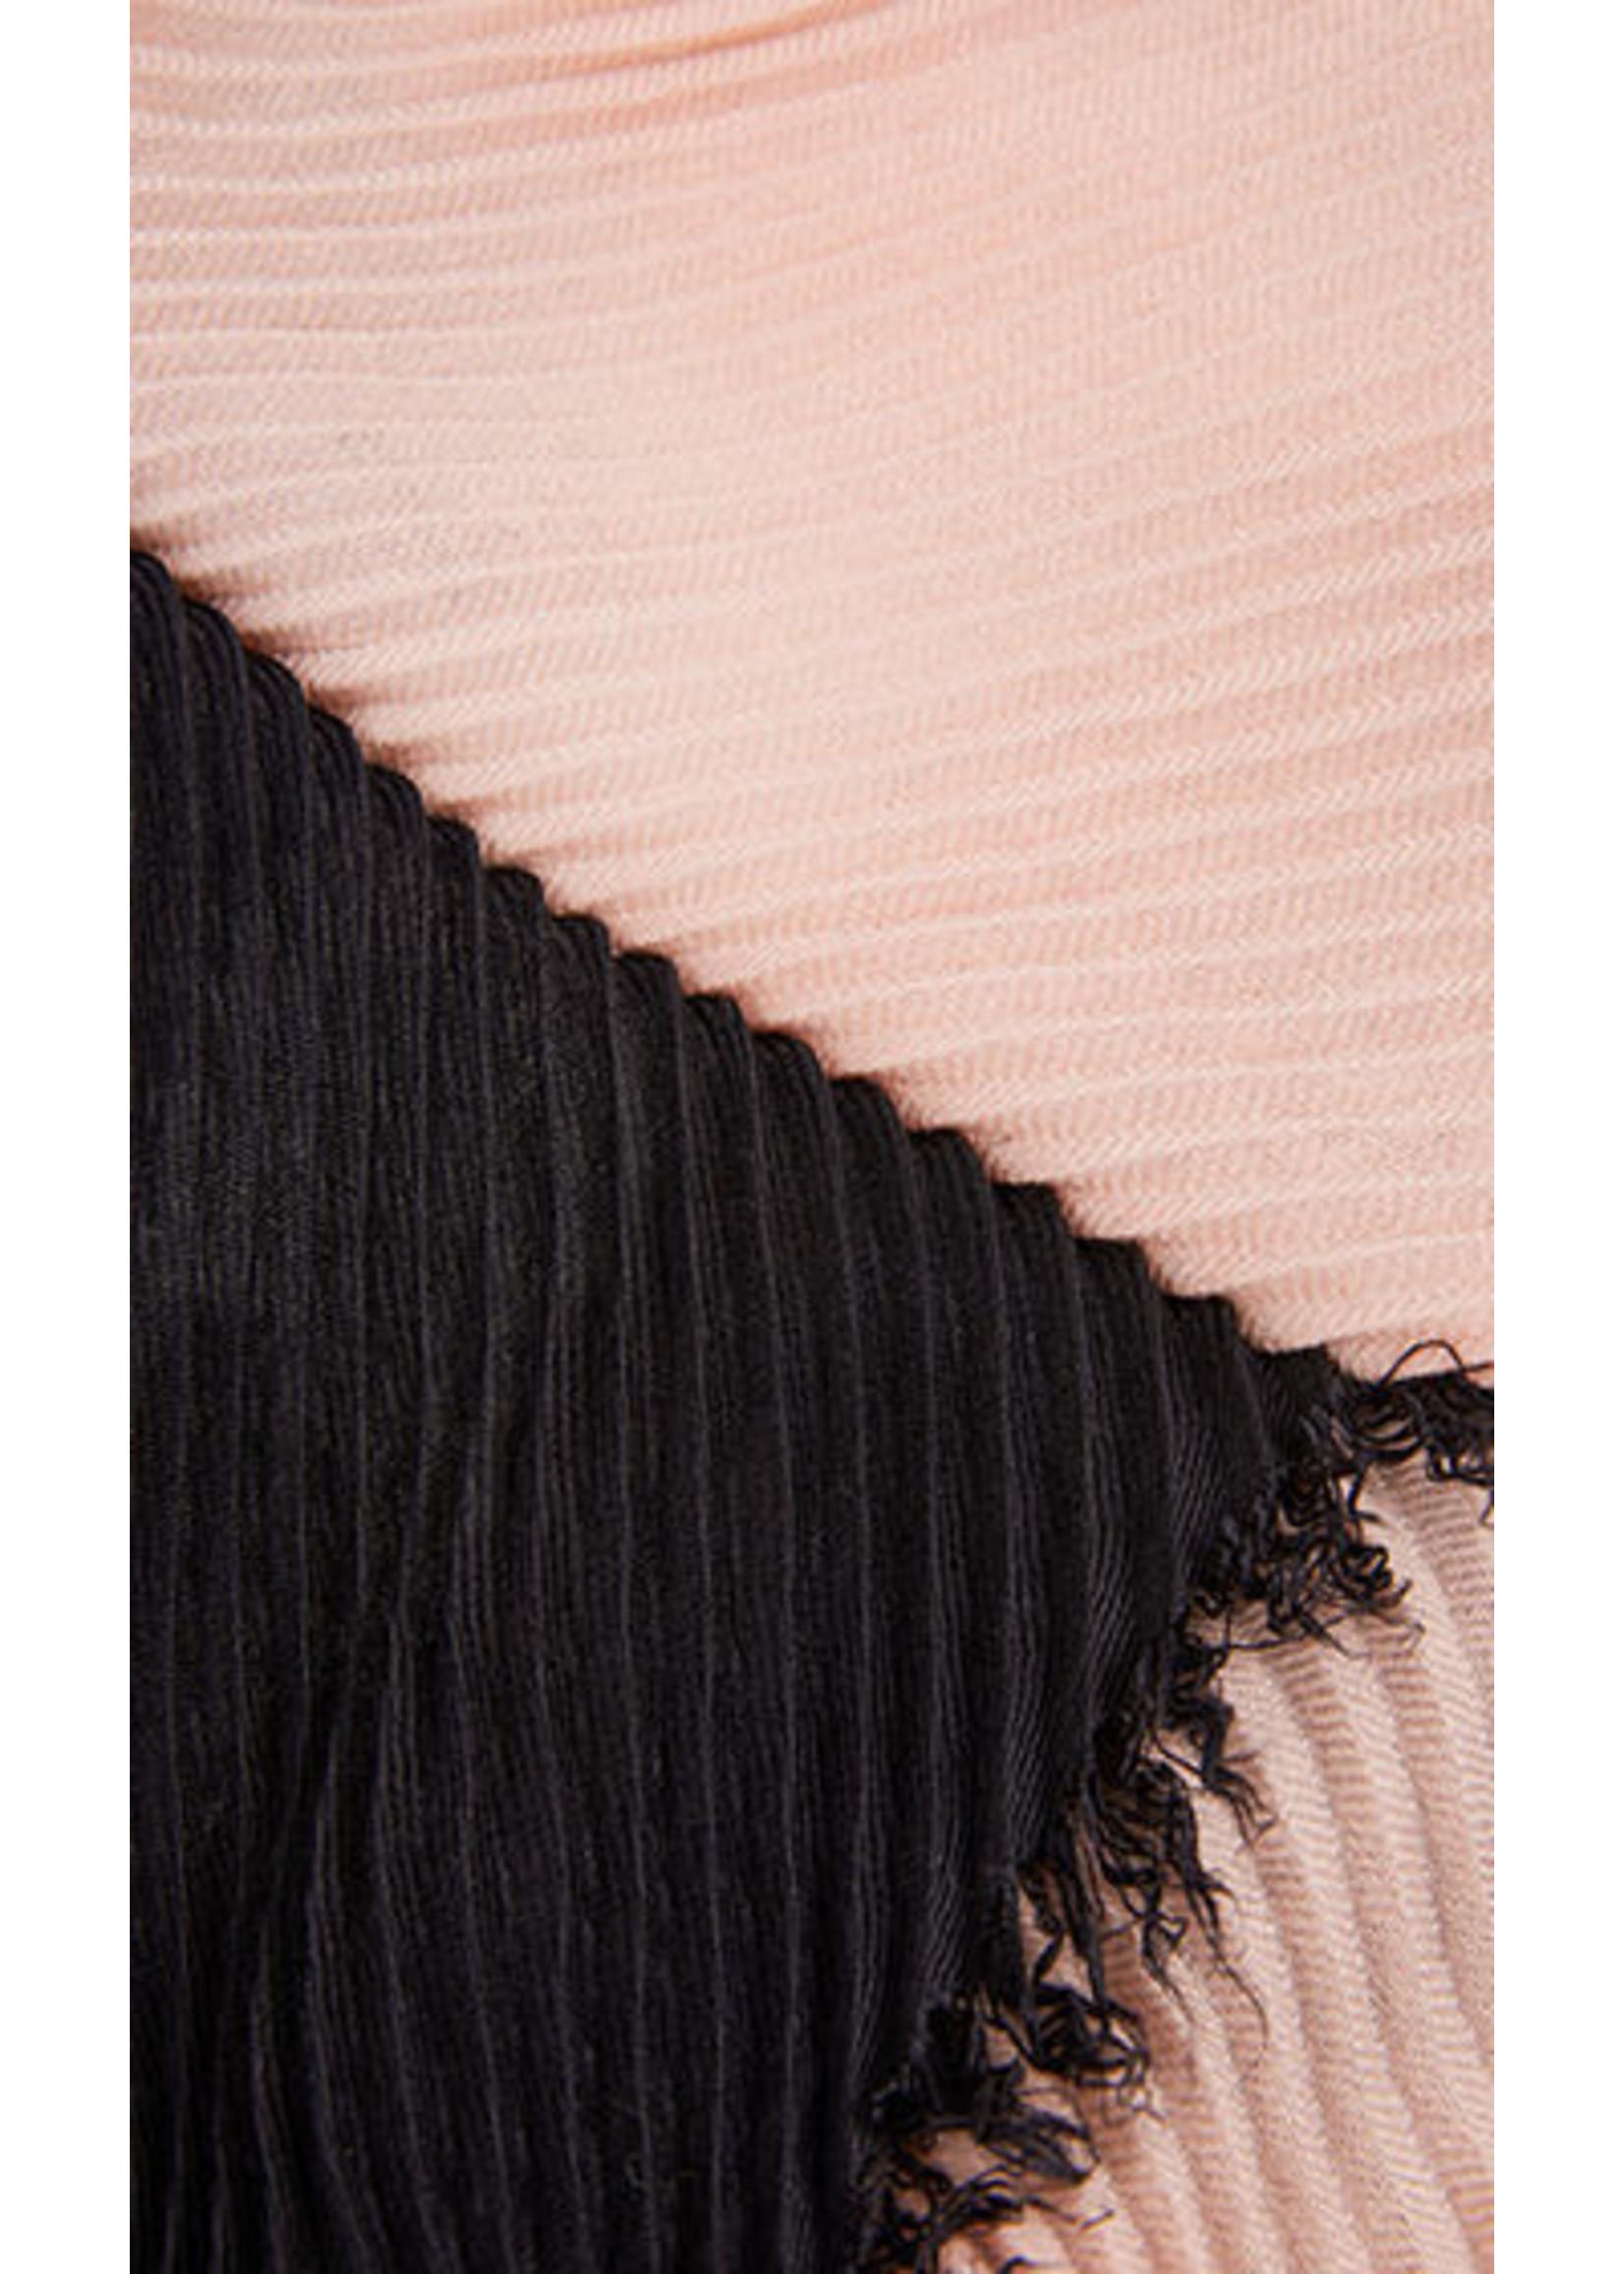 Sjaal RC B4.04 Z71 sandy beige